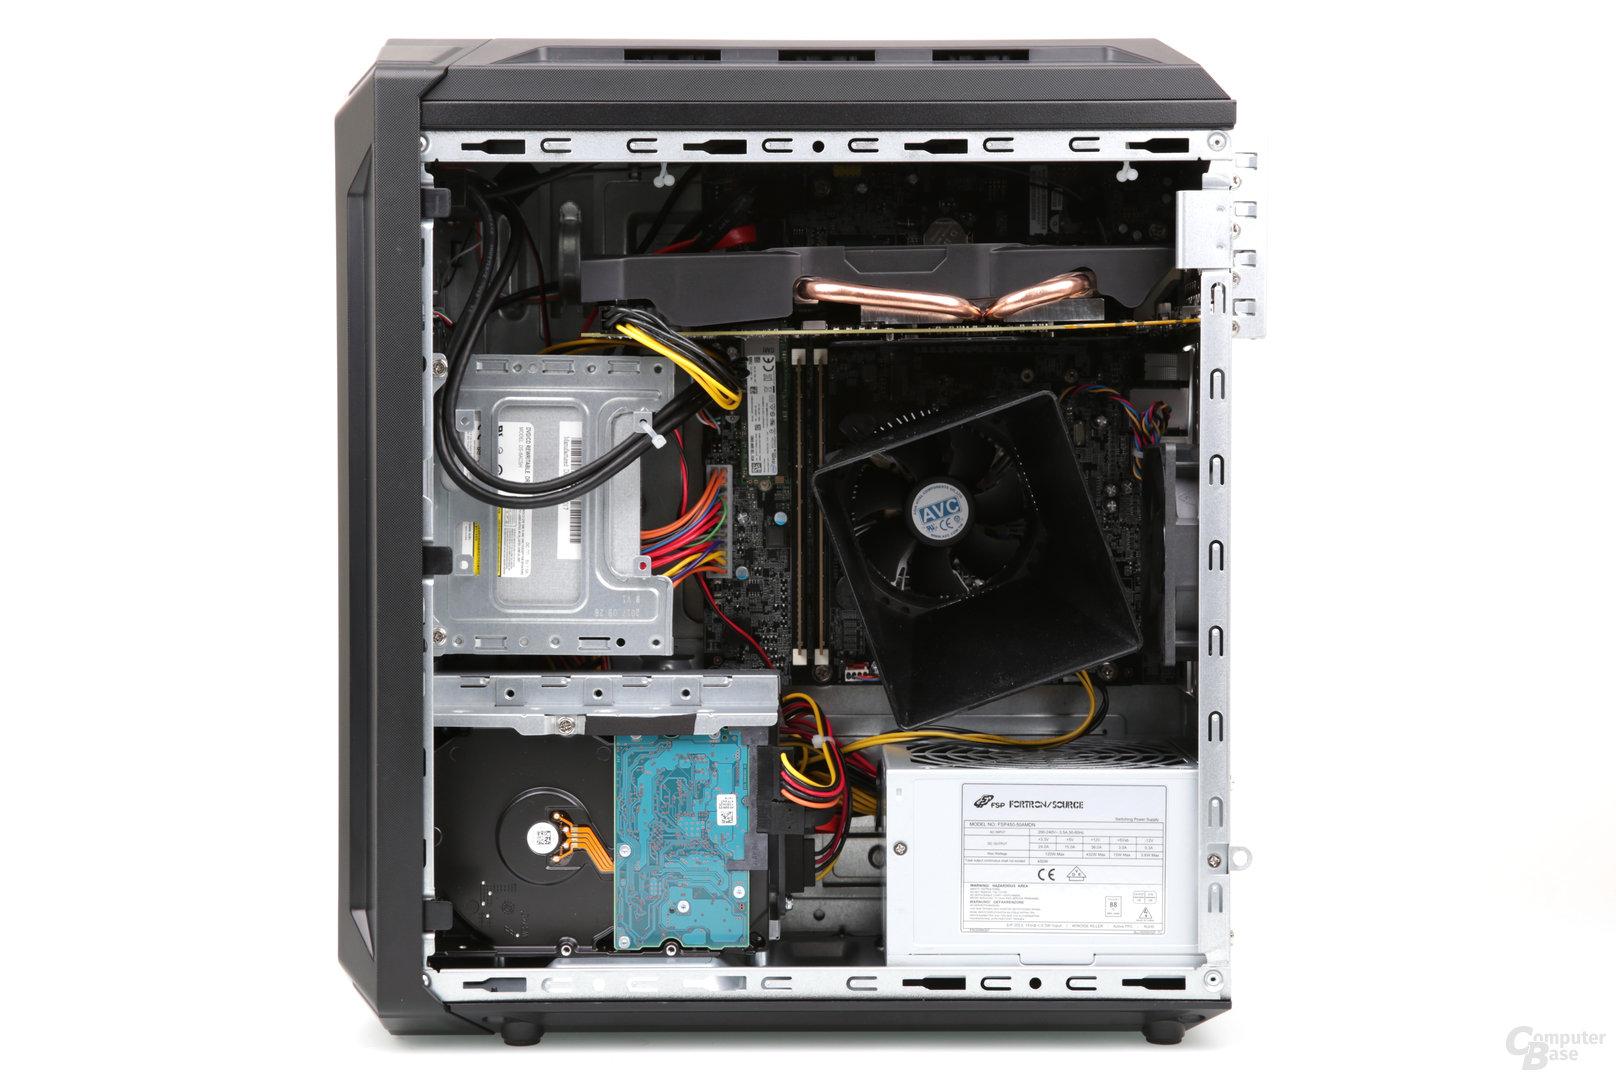 Das Innenleben mit Fan Duct auf dem CPU-Kühler steht erneut Kopf